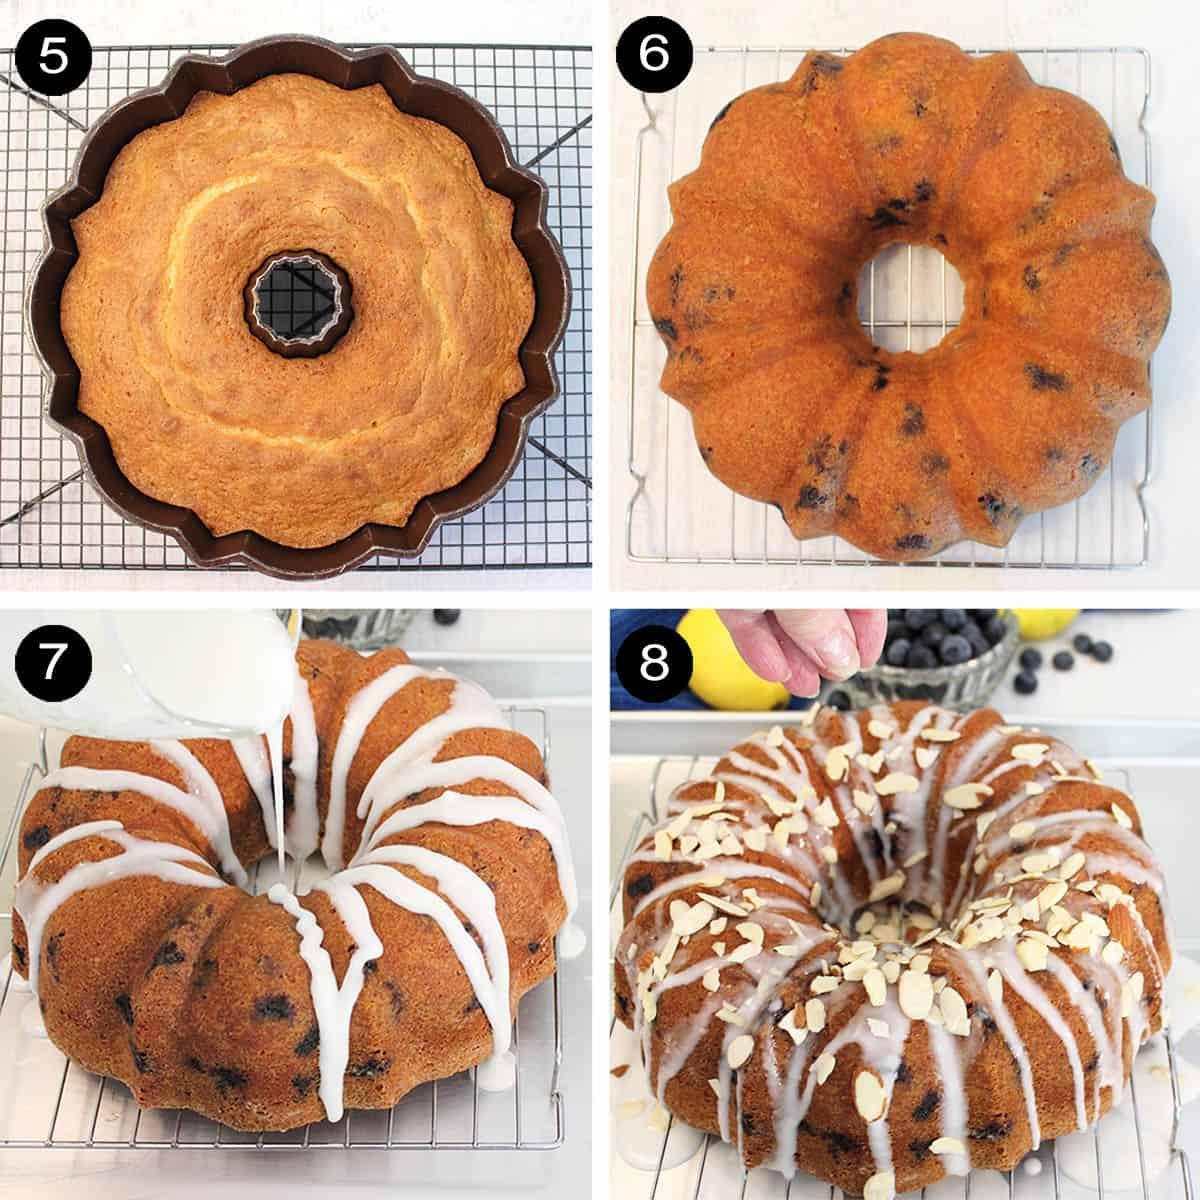 Steps 5-8 baked cake and inverting on rack then applying lemon glaze.